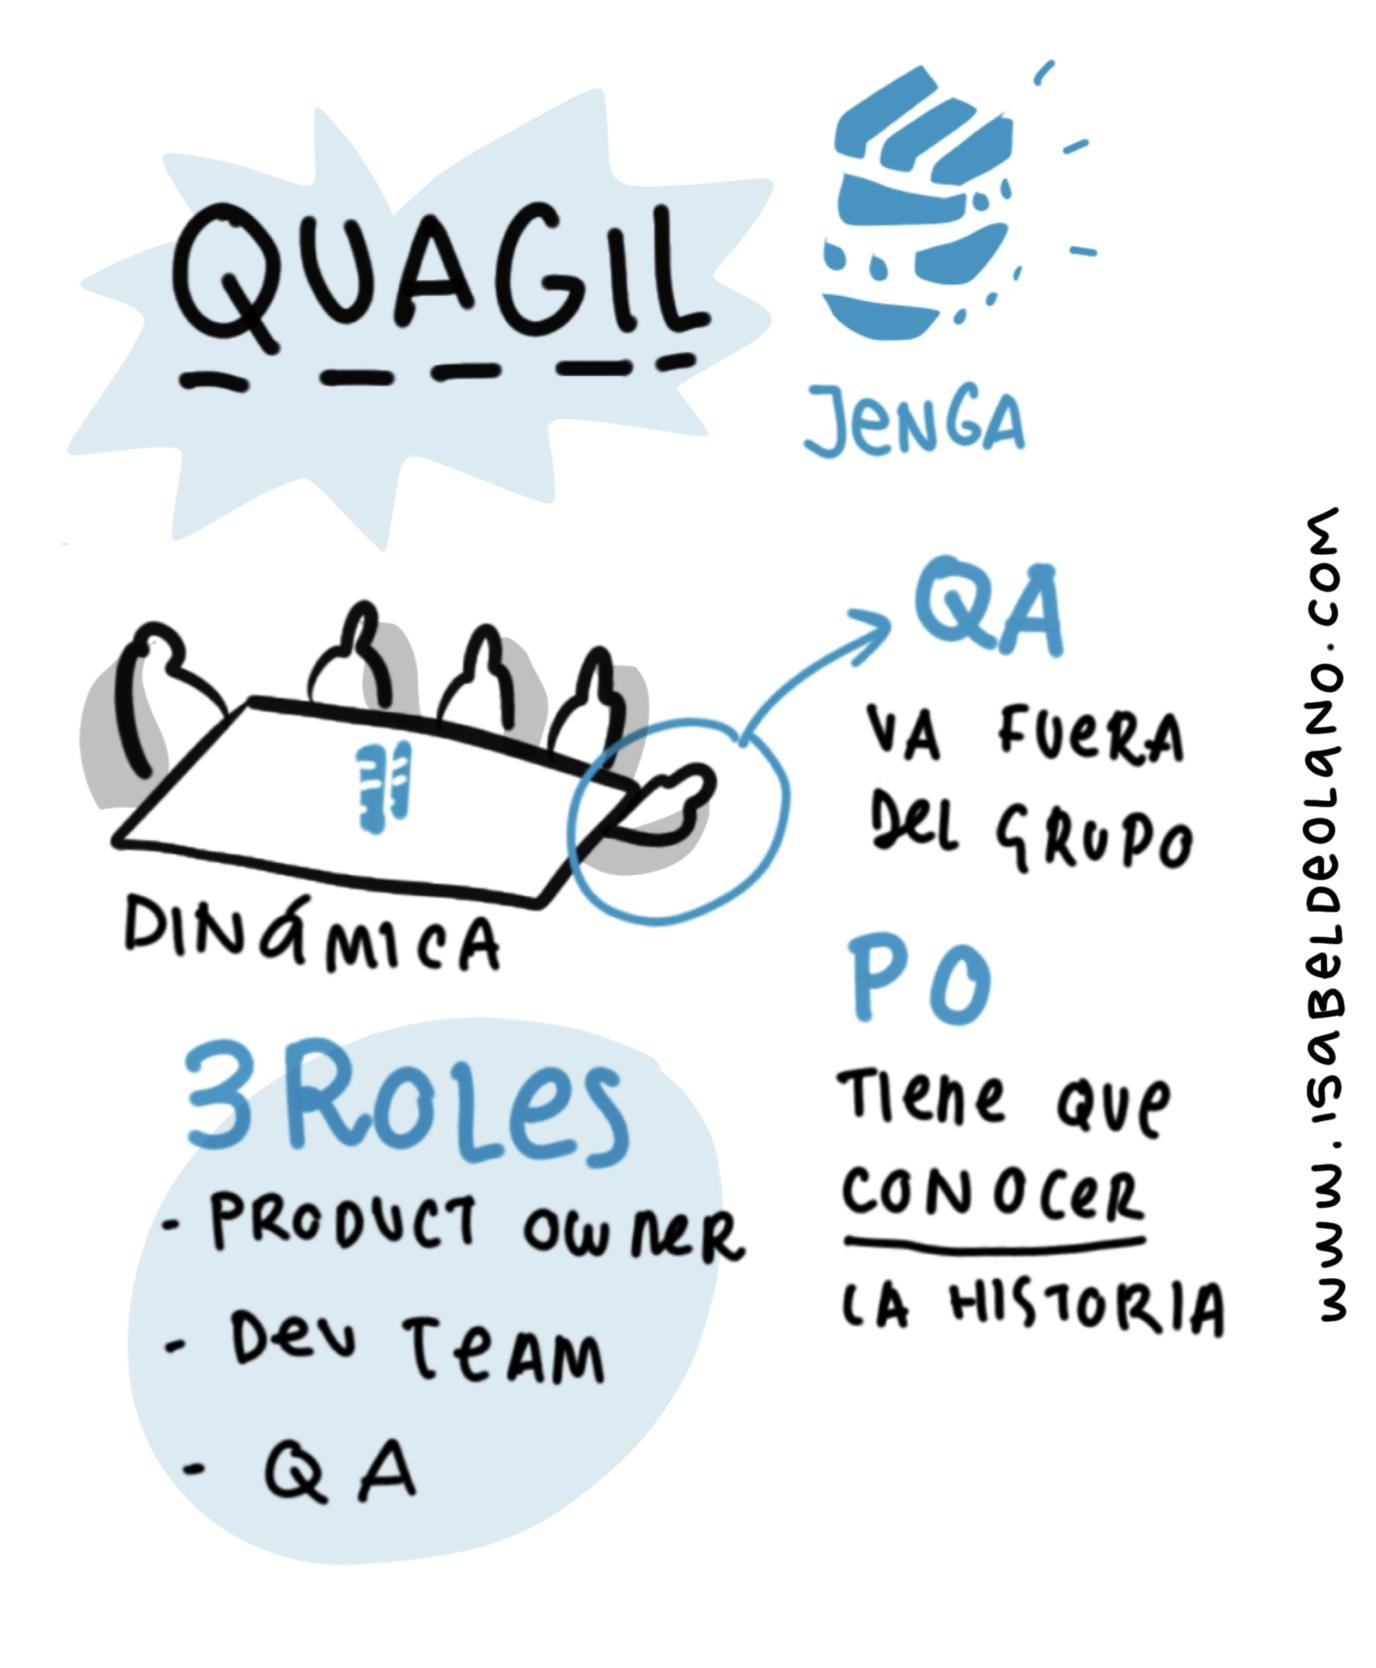 QUAGIL - En cada equipo el QA permanecía fuera del grupo, y trabajaban en los sprints Product Owner y Dev. Team.En el último sprint, QA trabajó con el grupo.